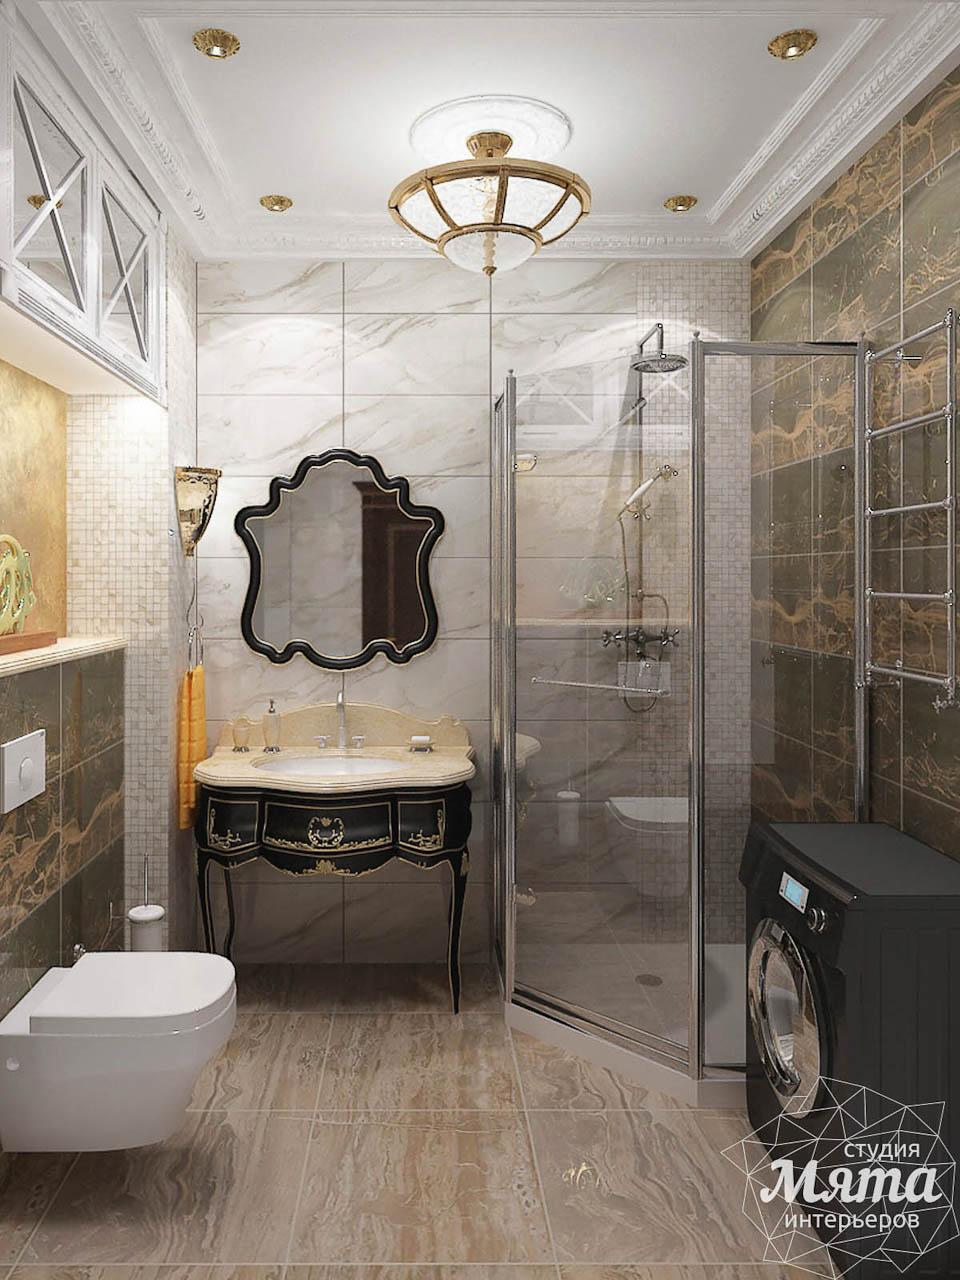 Дизайн интерьера двухкомнатной квартиры по ул. Мельникова 38 img271359456